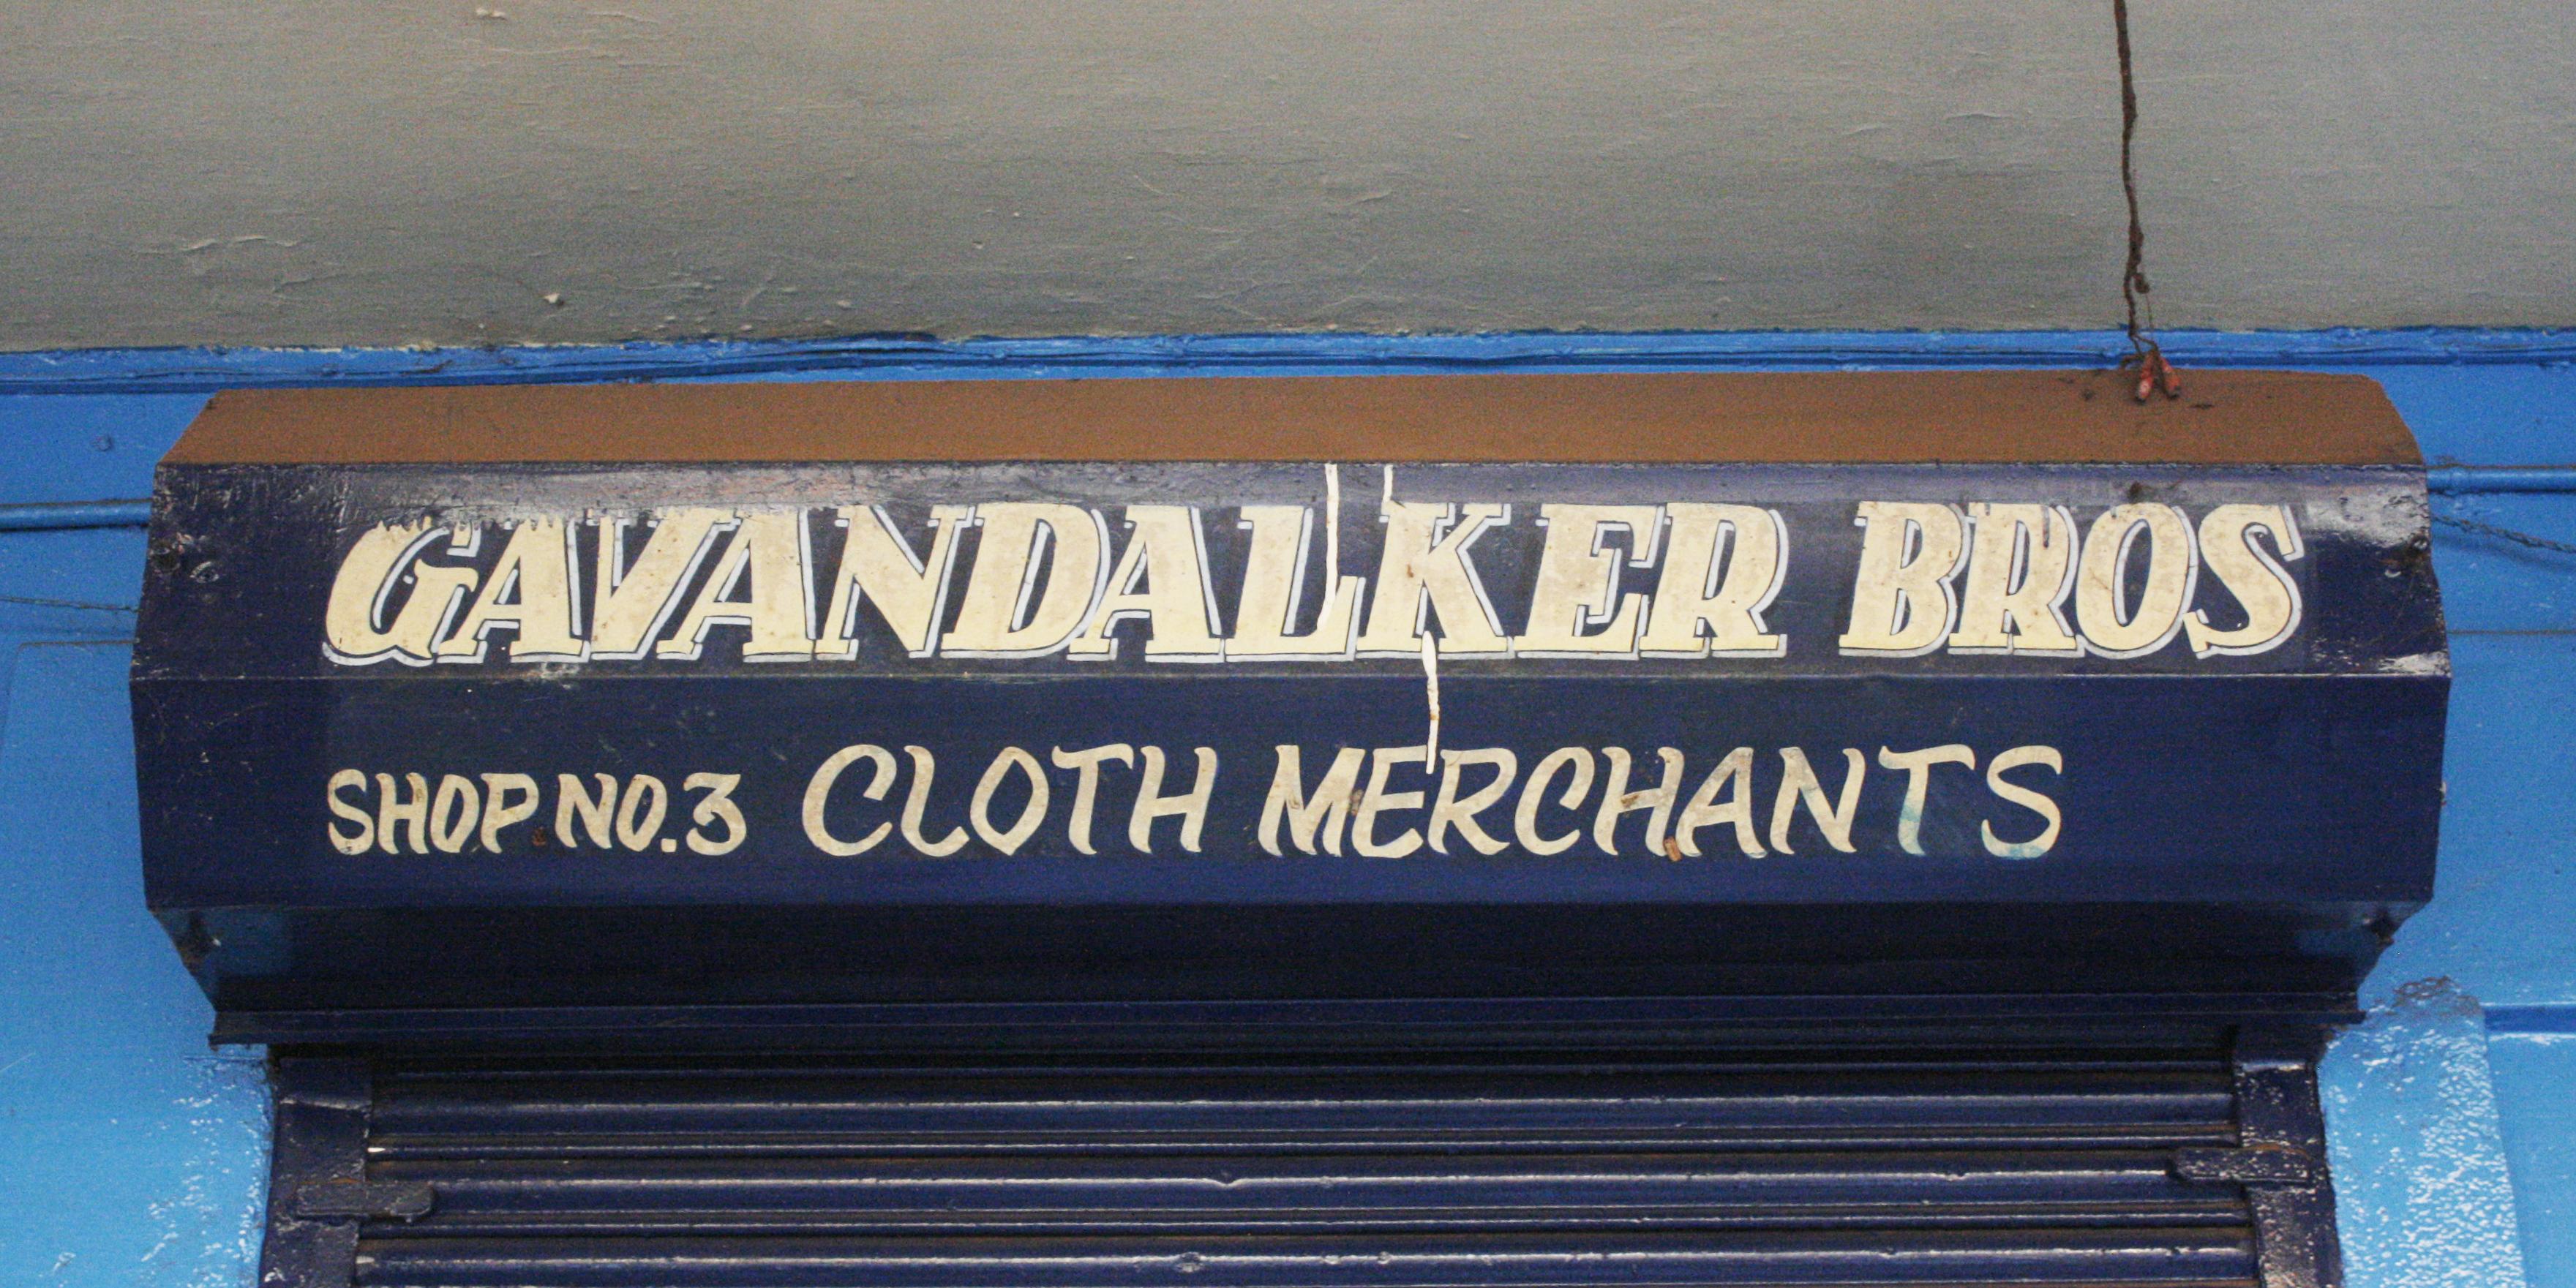 Gavandalker Bros